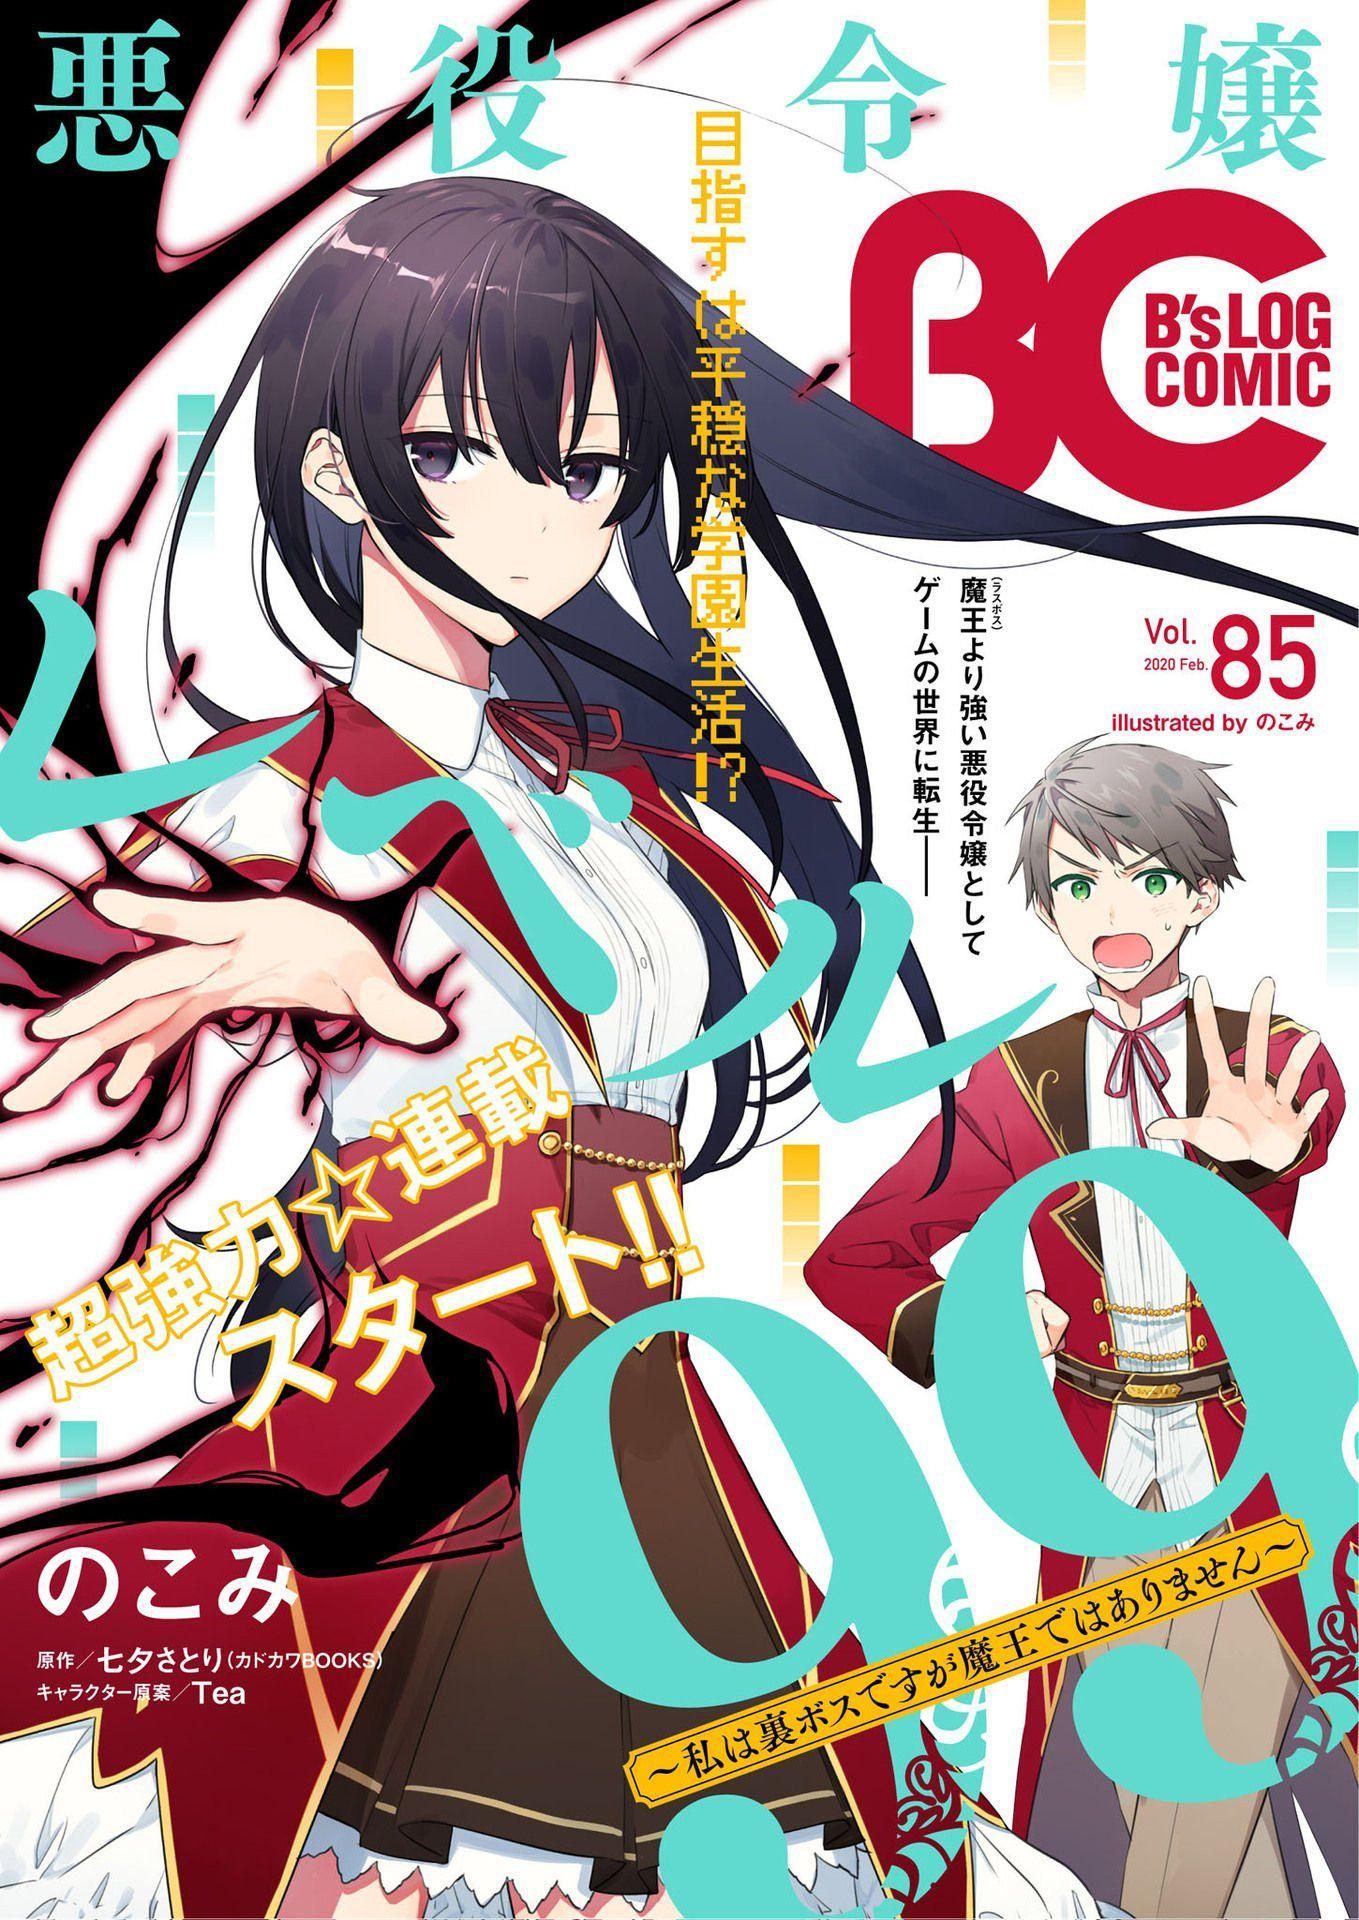 Pin on Manga 9